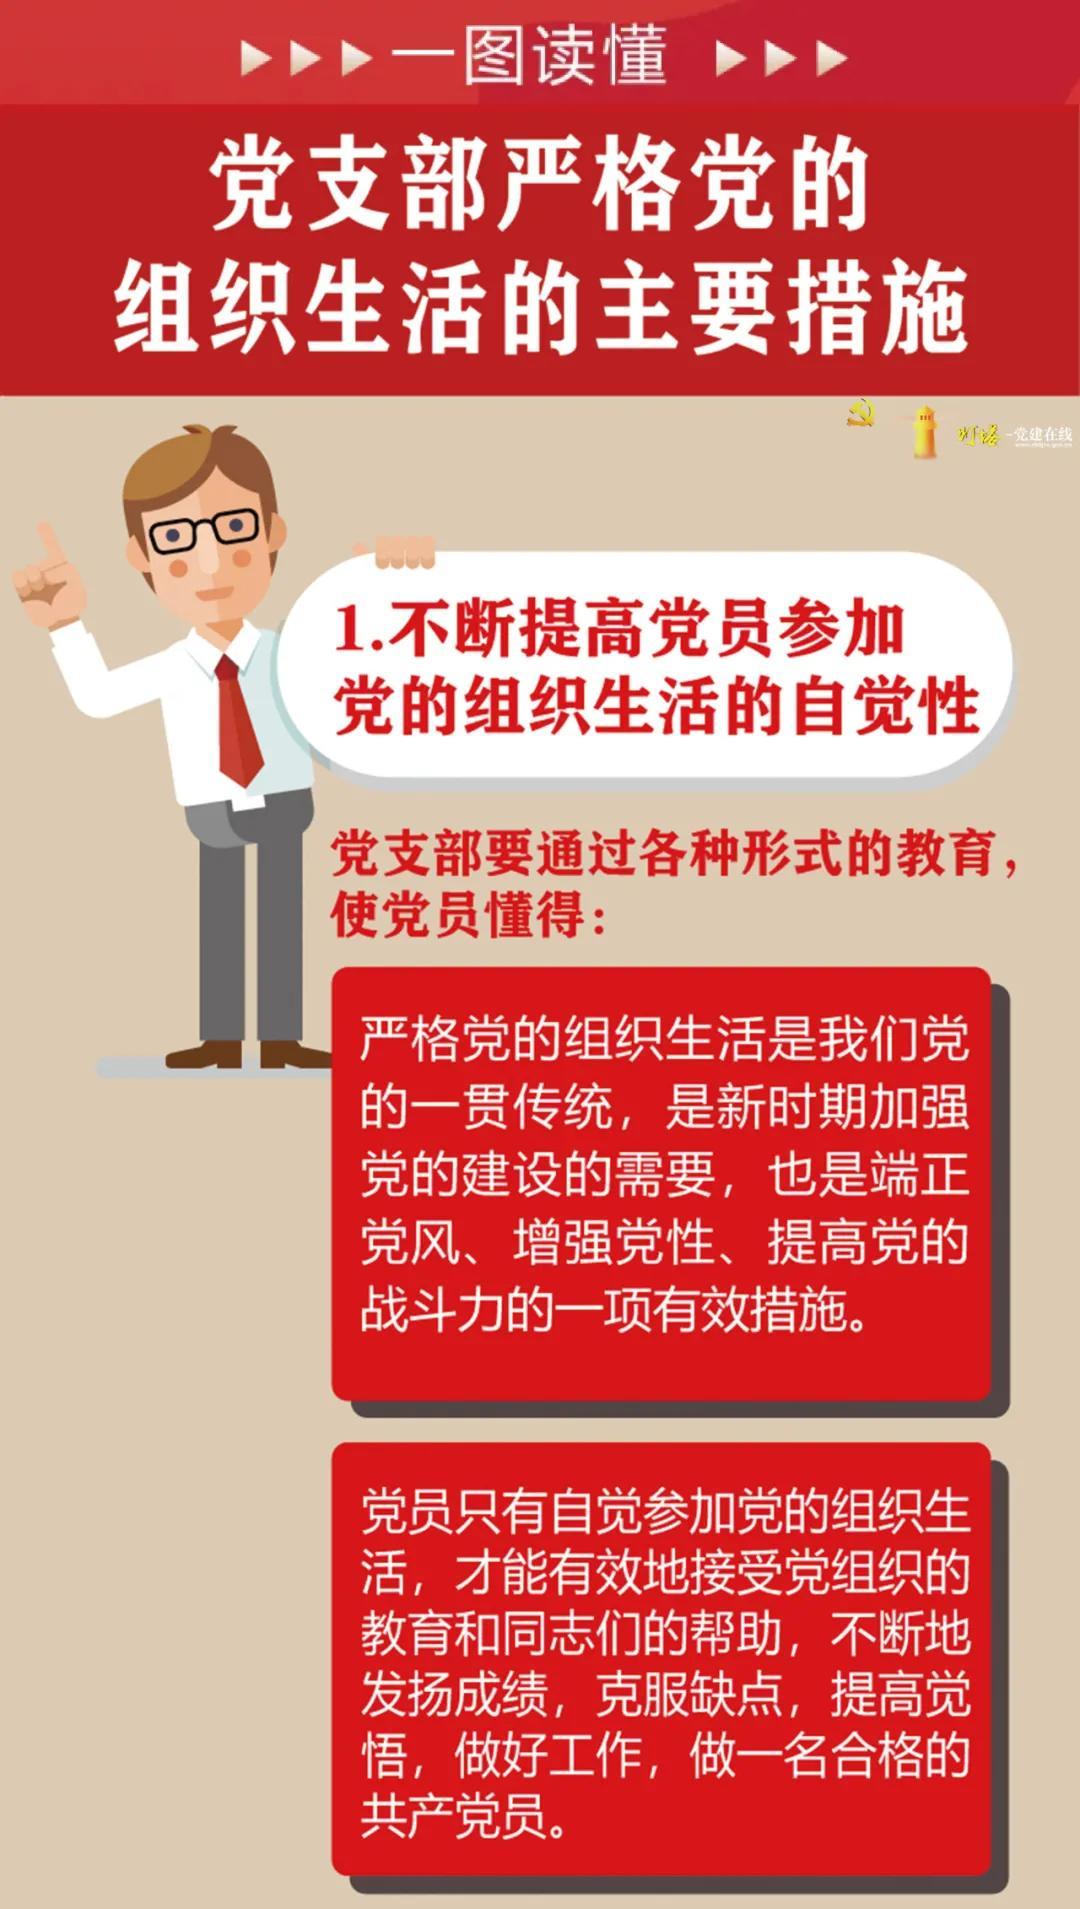 【党务知识】一图读懂:党支部严格党的组织生活的主要措施